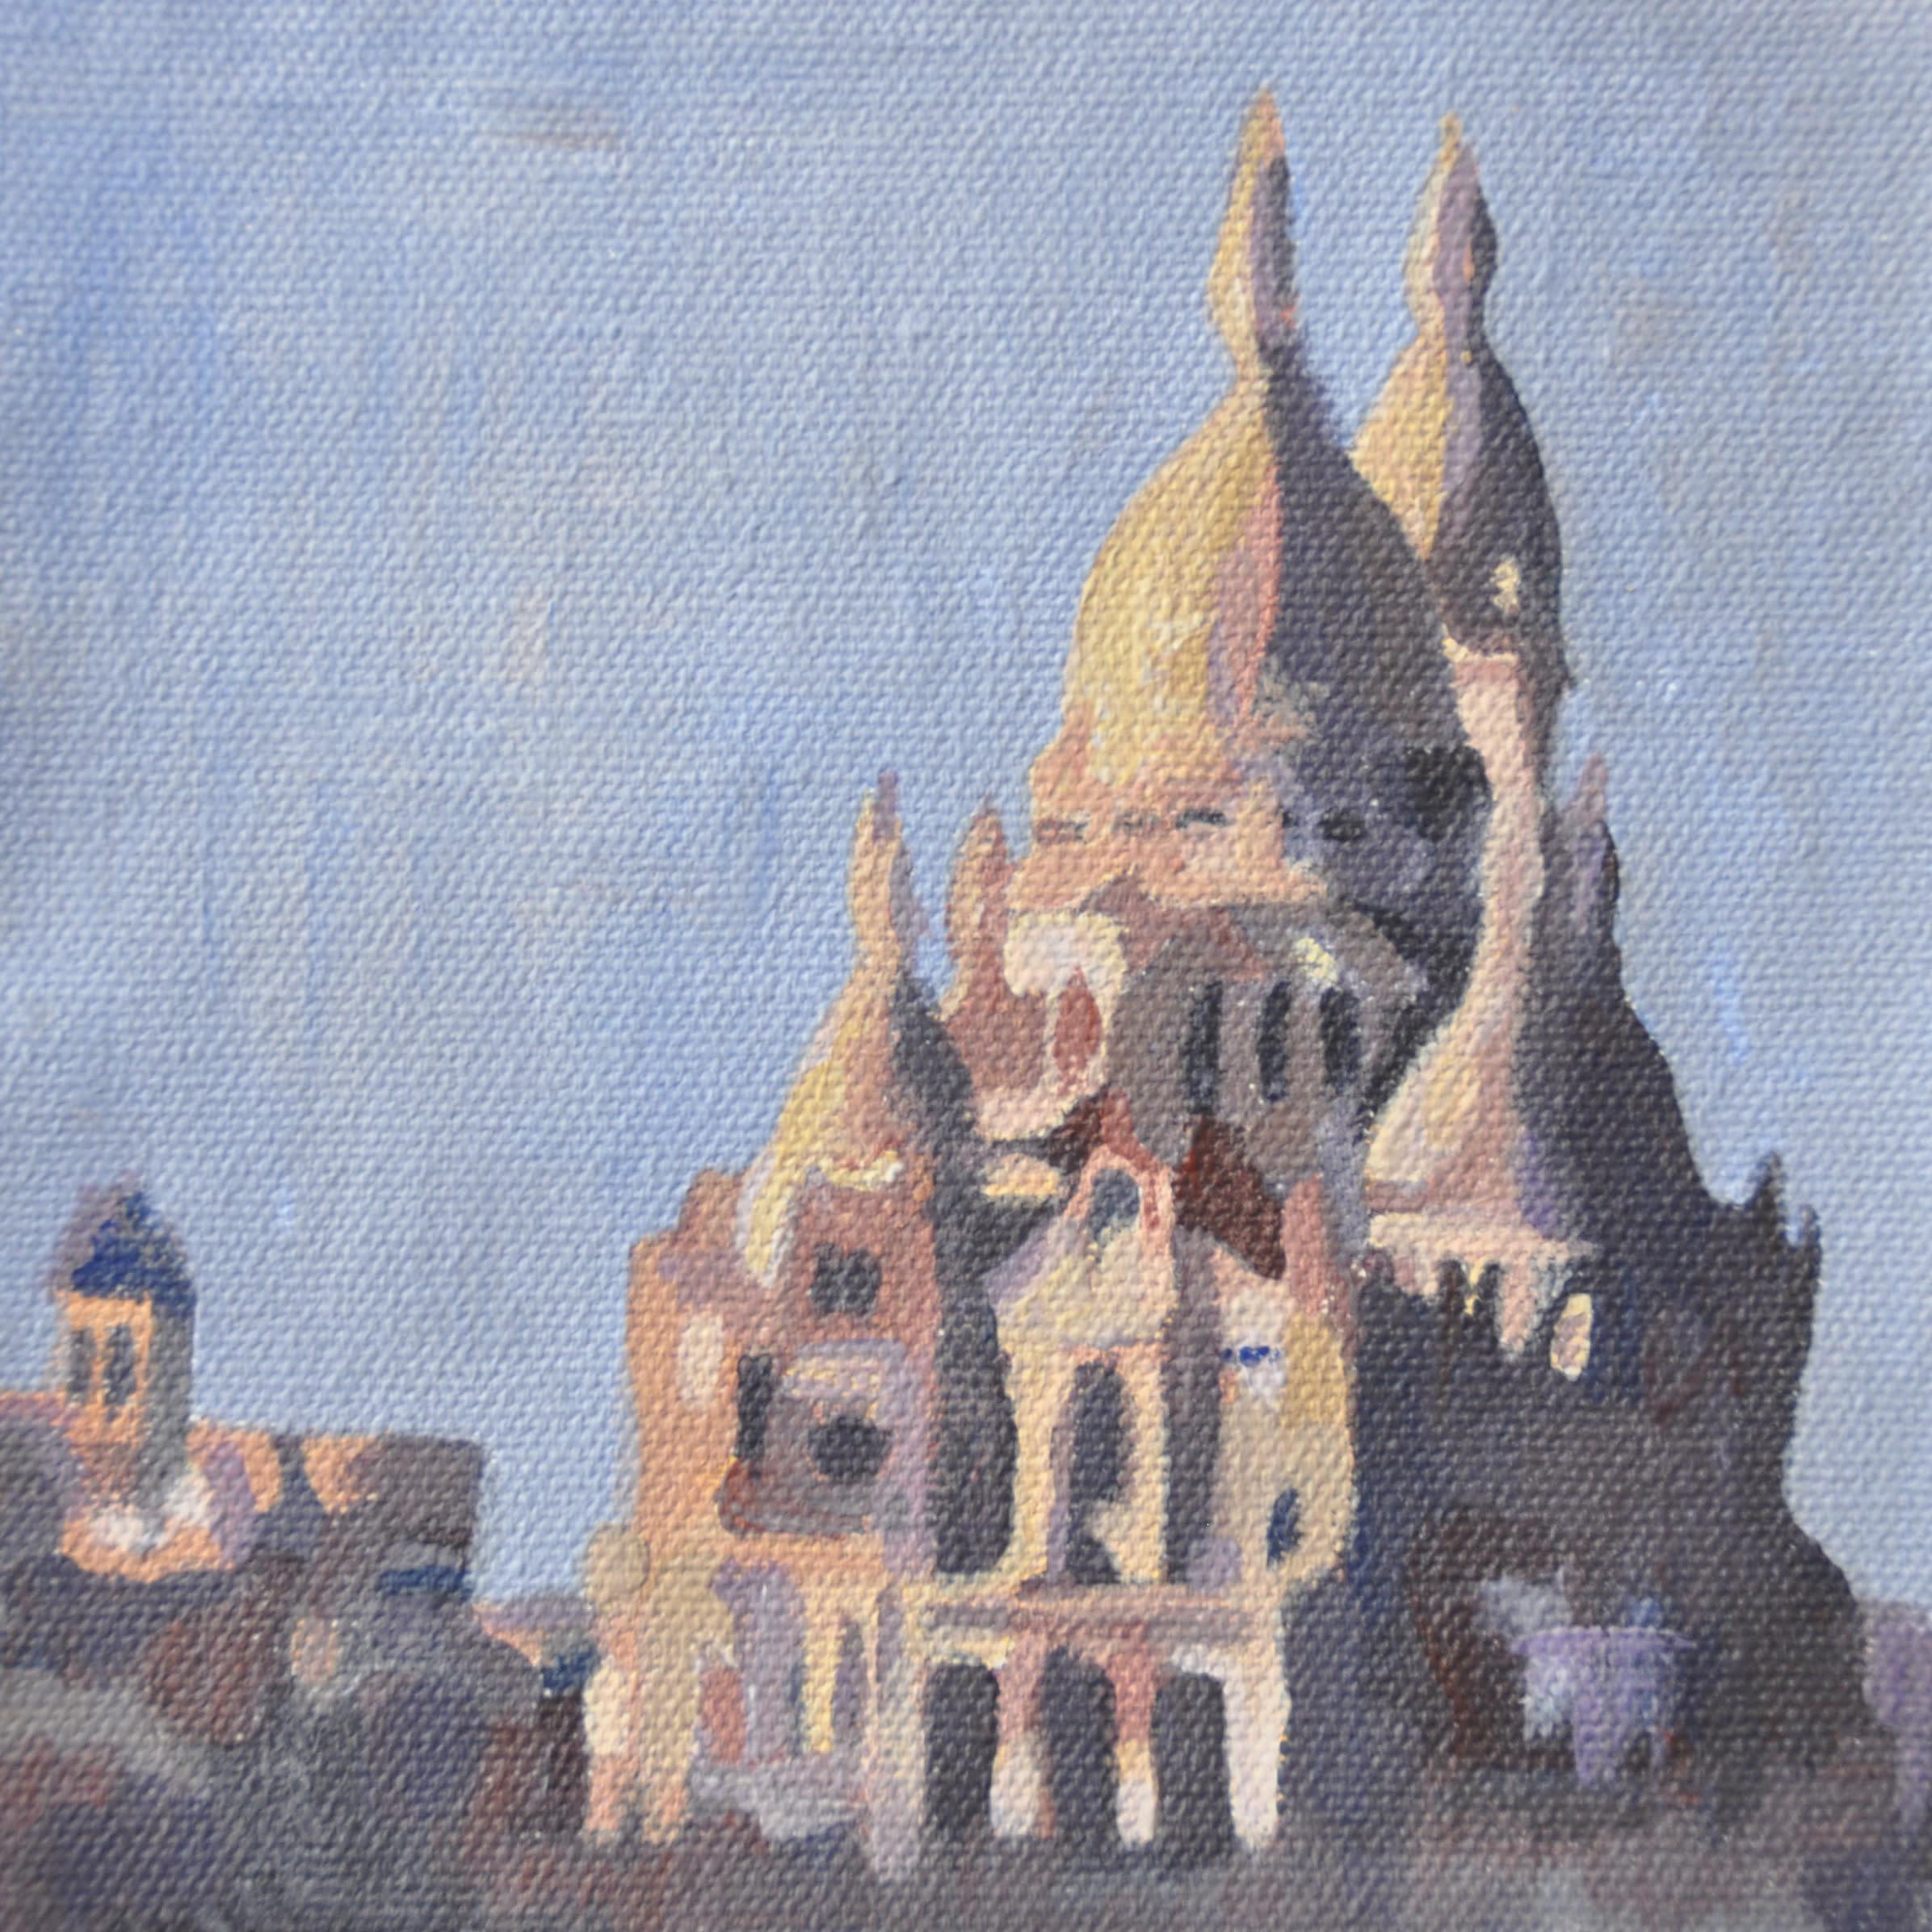 13x13 sacre coeur by steph fonteyn qdnlu0